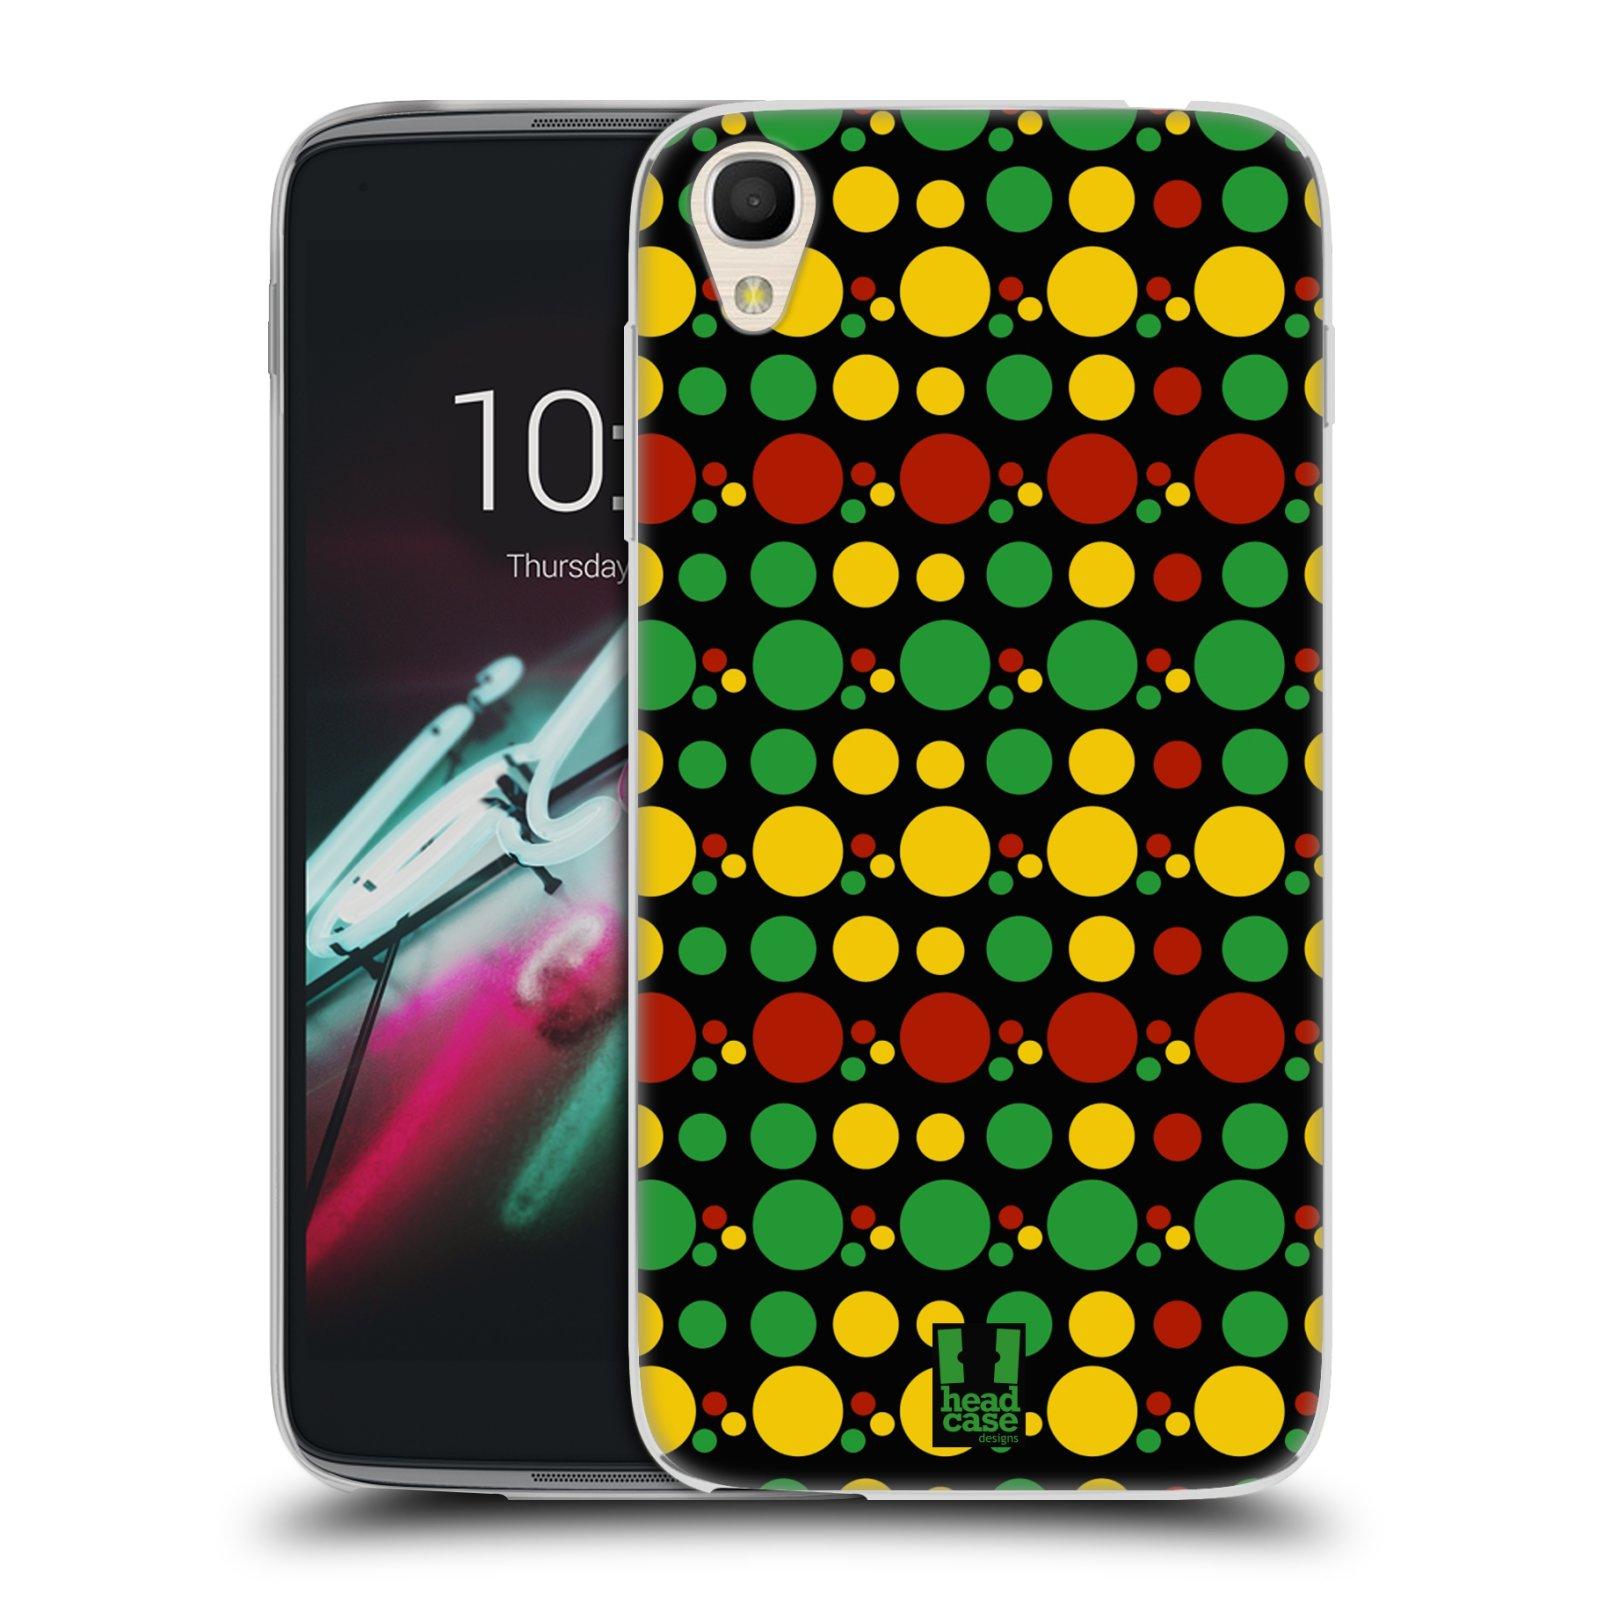 HEAD CASE silikonový obal na mobil Alcatel Idol 3 OT-6039Y (4.7) vzor Rasta barevné vzory KRUHY